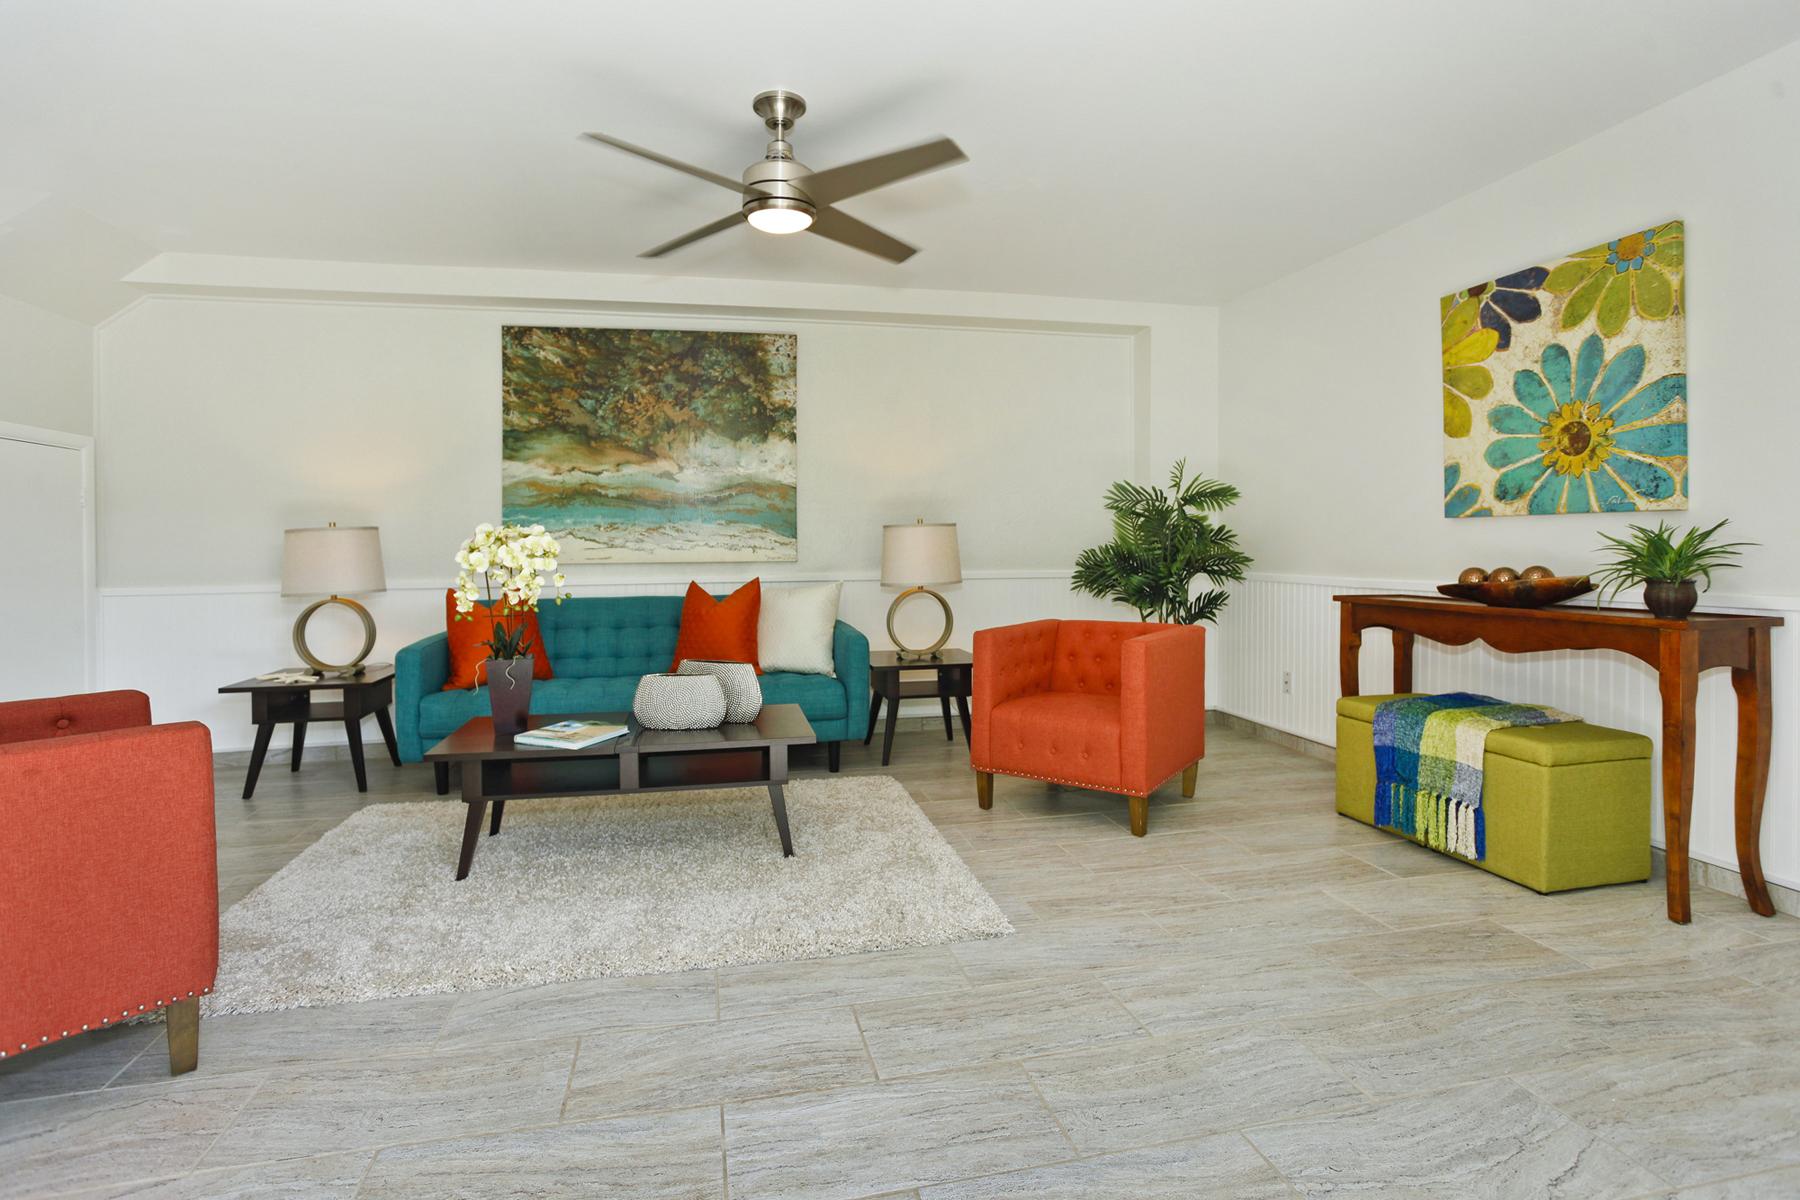 联栋屋 为 销售 在 Waterfront Lifestyle 206 Opihikao Way #861 火奴鲁鲁, 夏威夷, 96825 美国